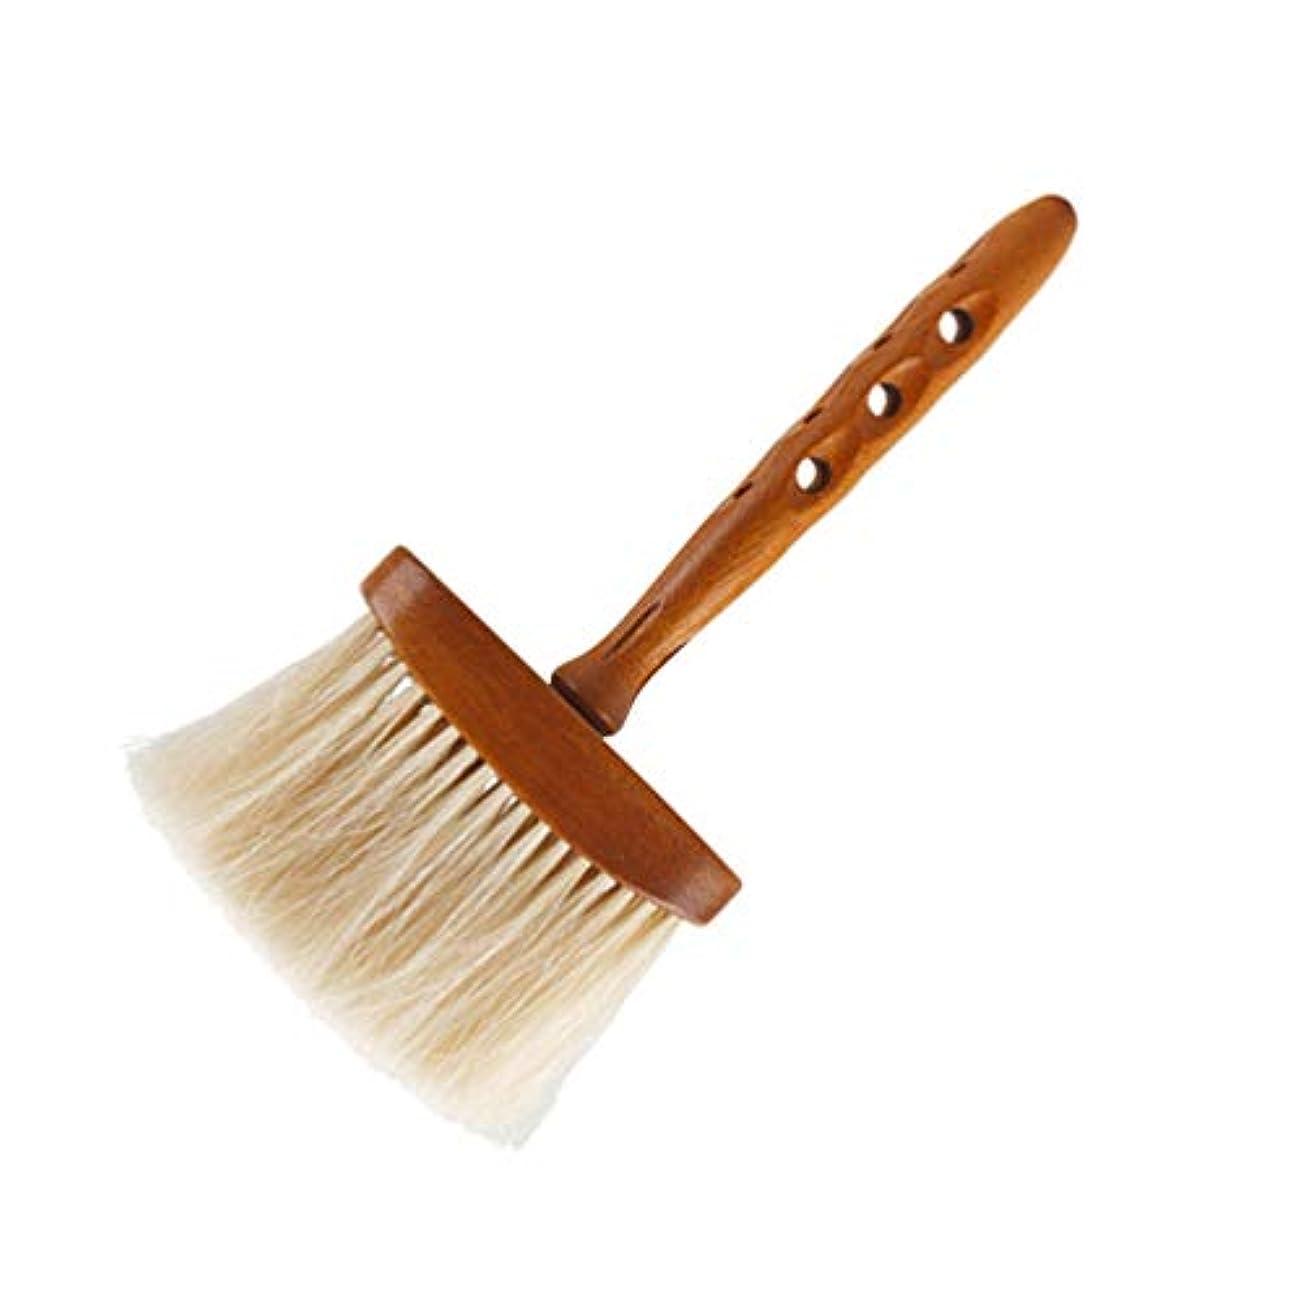 履歴書触覚ウェーハLurrose ヘアカットブラシプロフェッショナル理髪ブラシ木製ハンドル付きソフトネックブラシ用男性女性子供